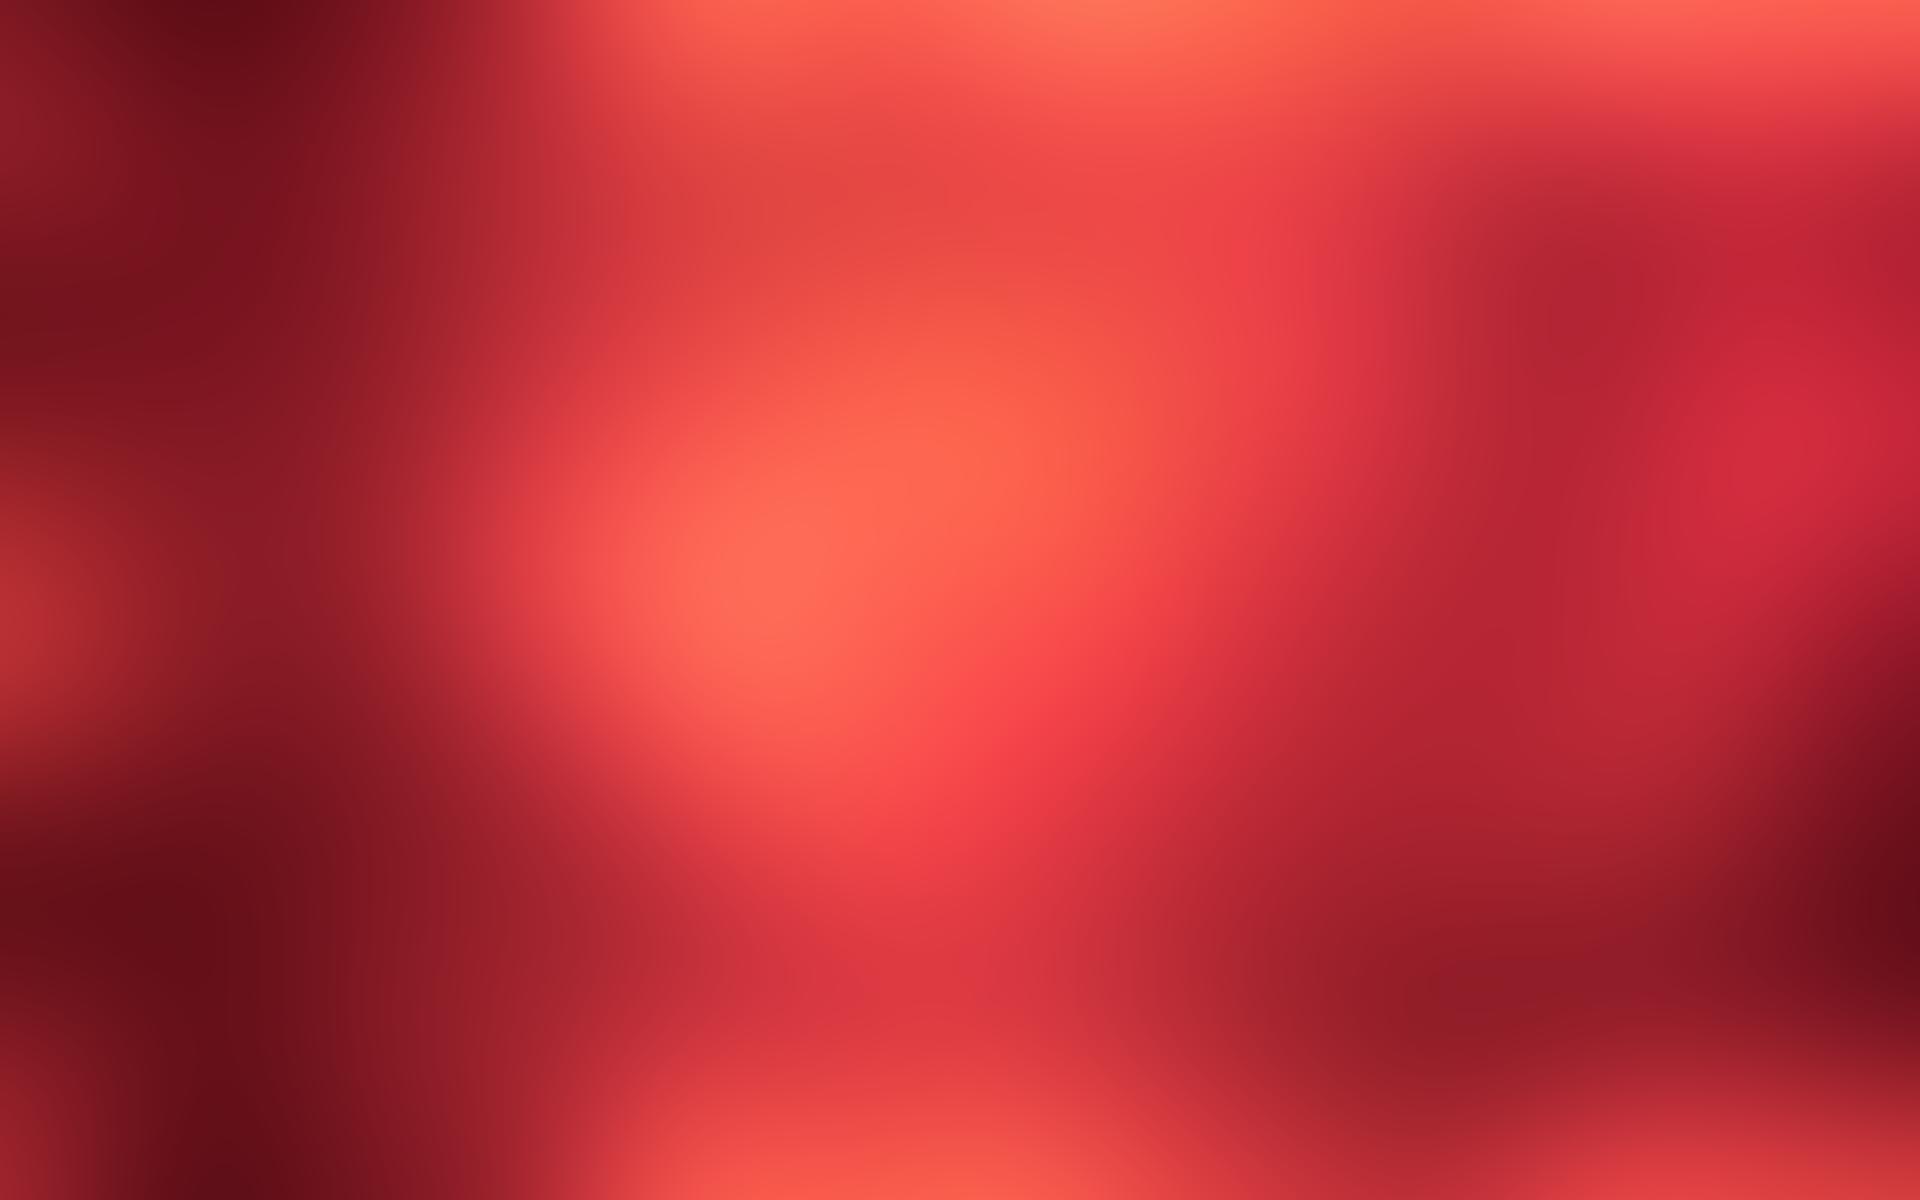 Fondos Abstractos Rojos Para Fondo De Pantalla En 4K 7 HD